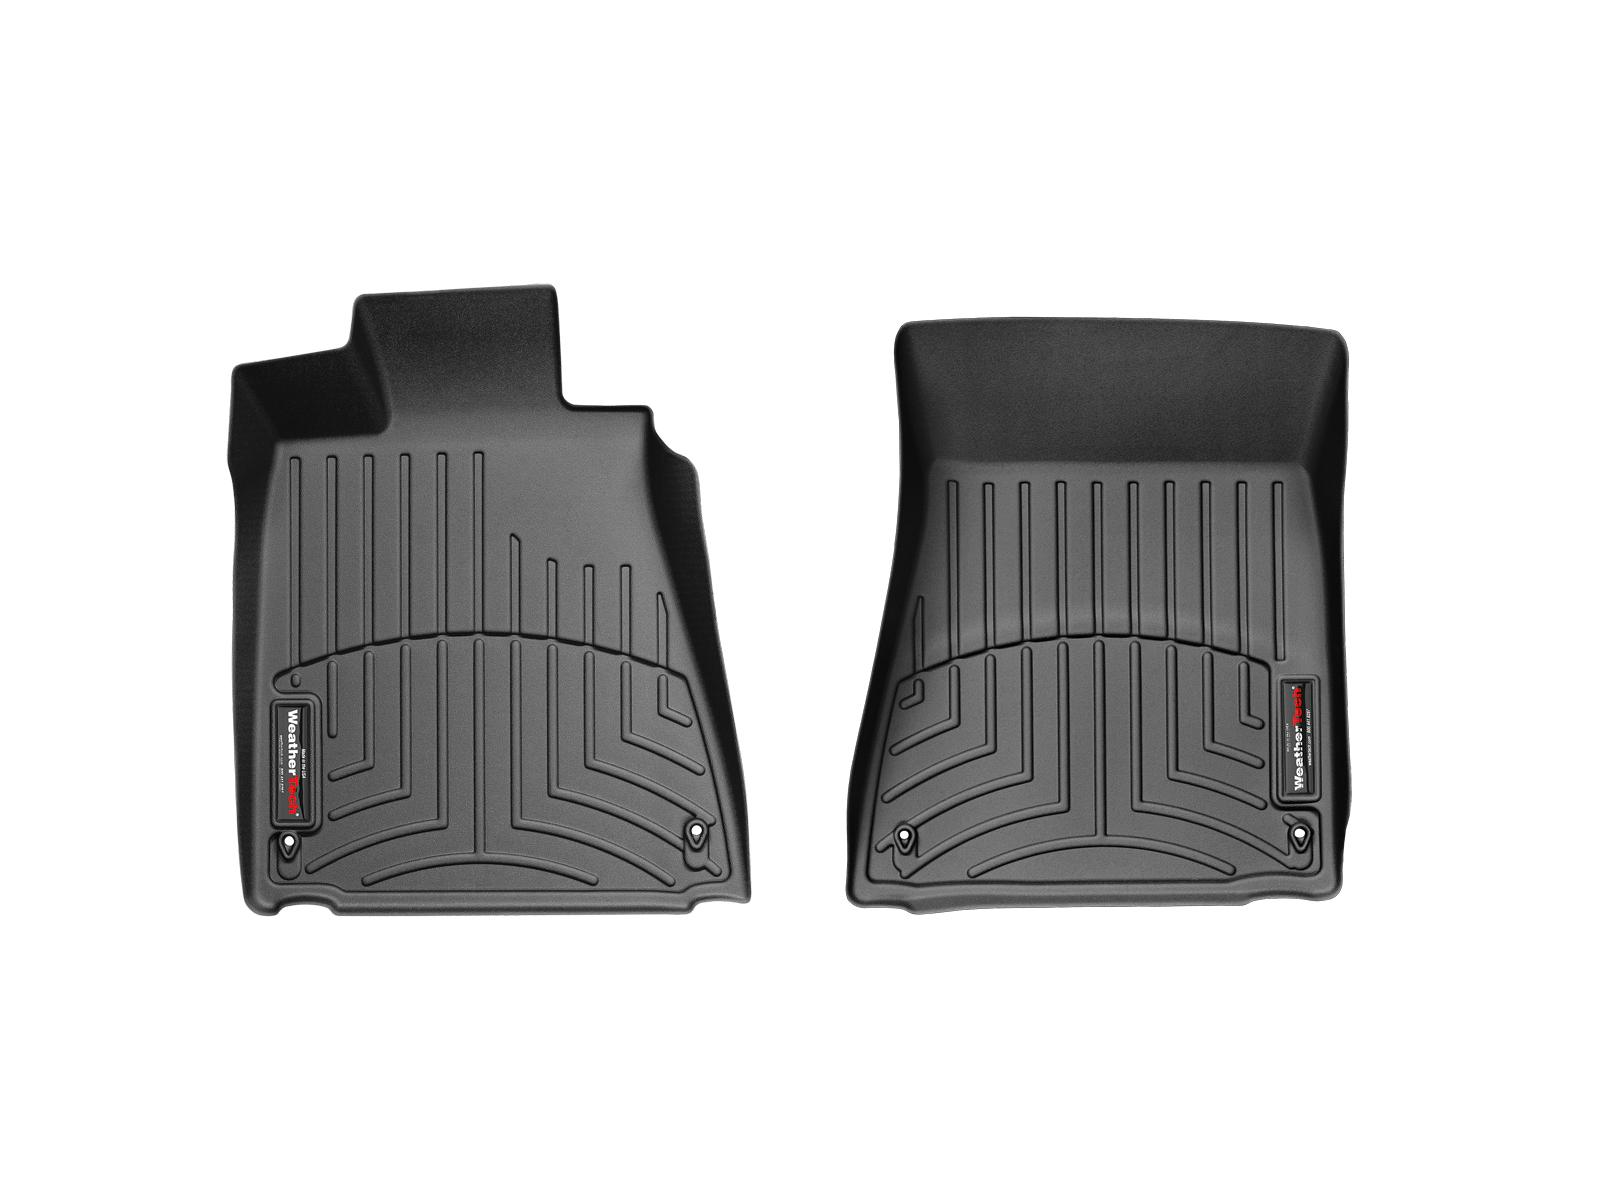 Tappeti gomma su misura bordo alto Lexus GS 430 06>07 Nero A2034